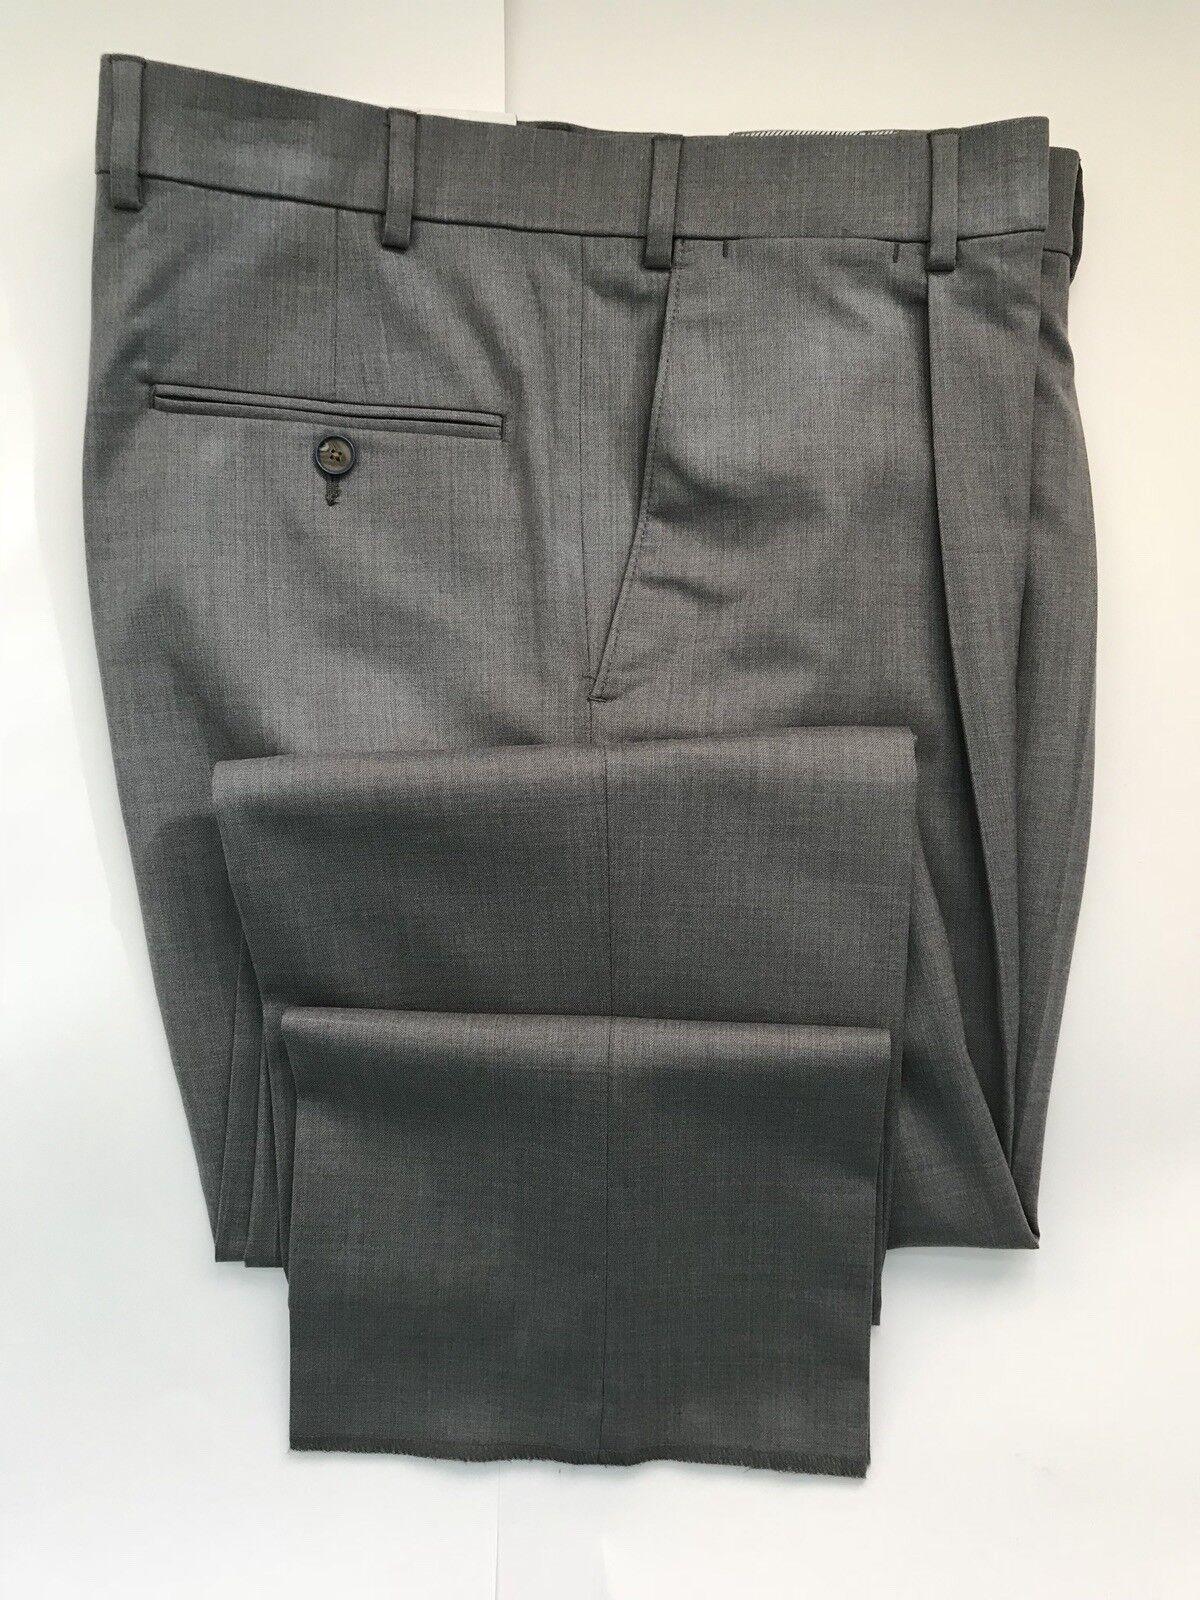 Hart Schaffner  Marx - Men's Waist 35 Length Regular U Tailor Pleated